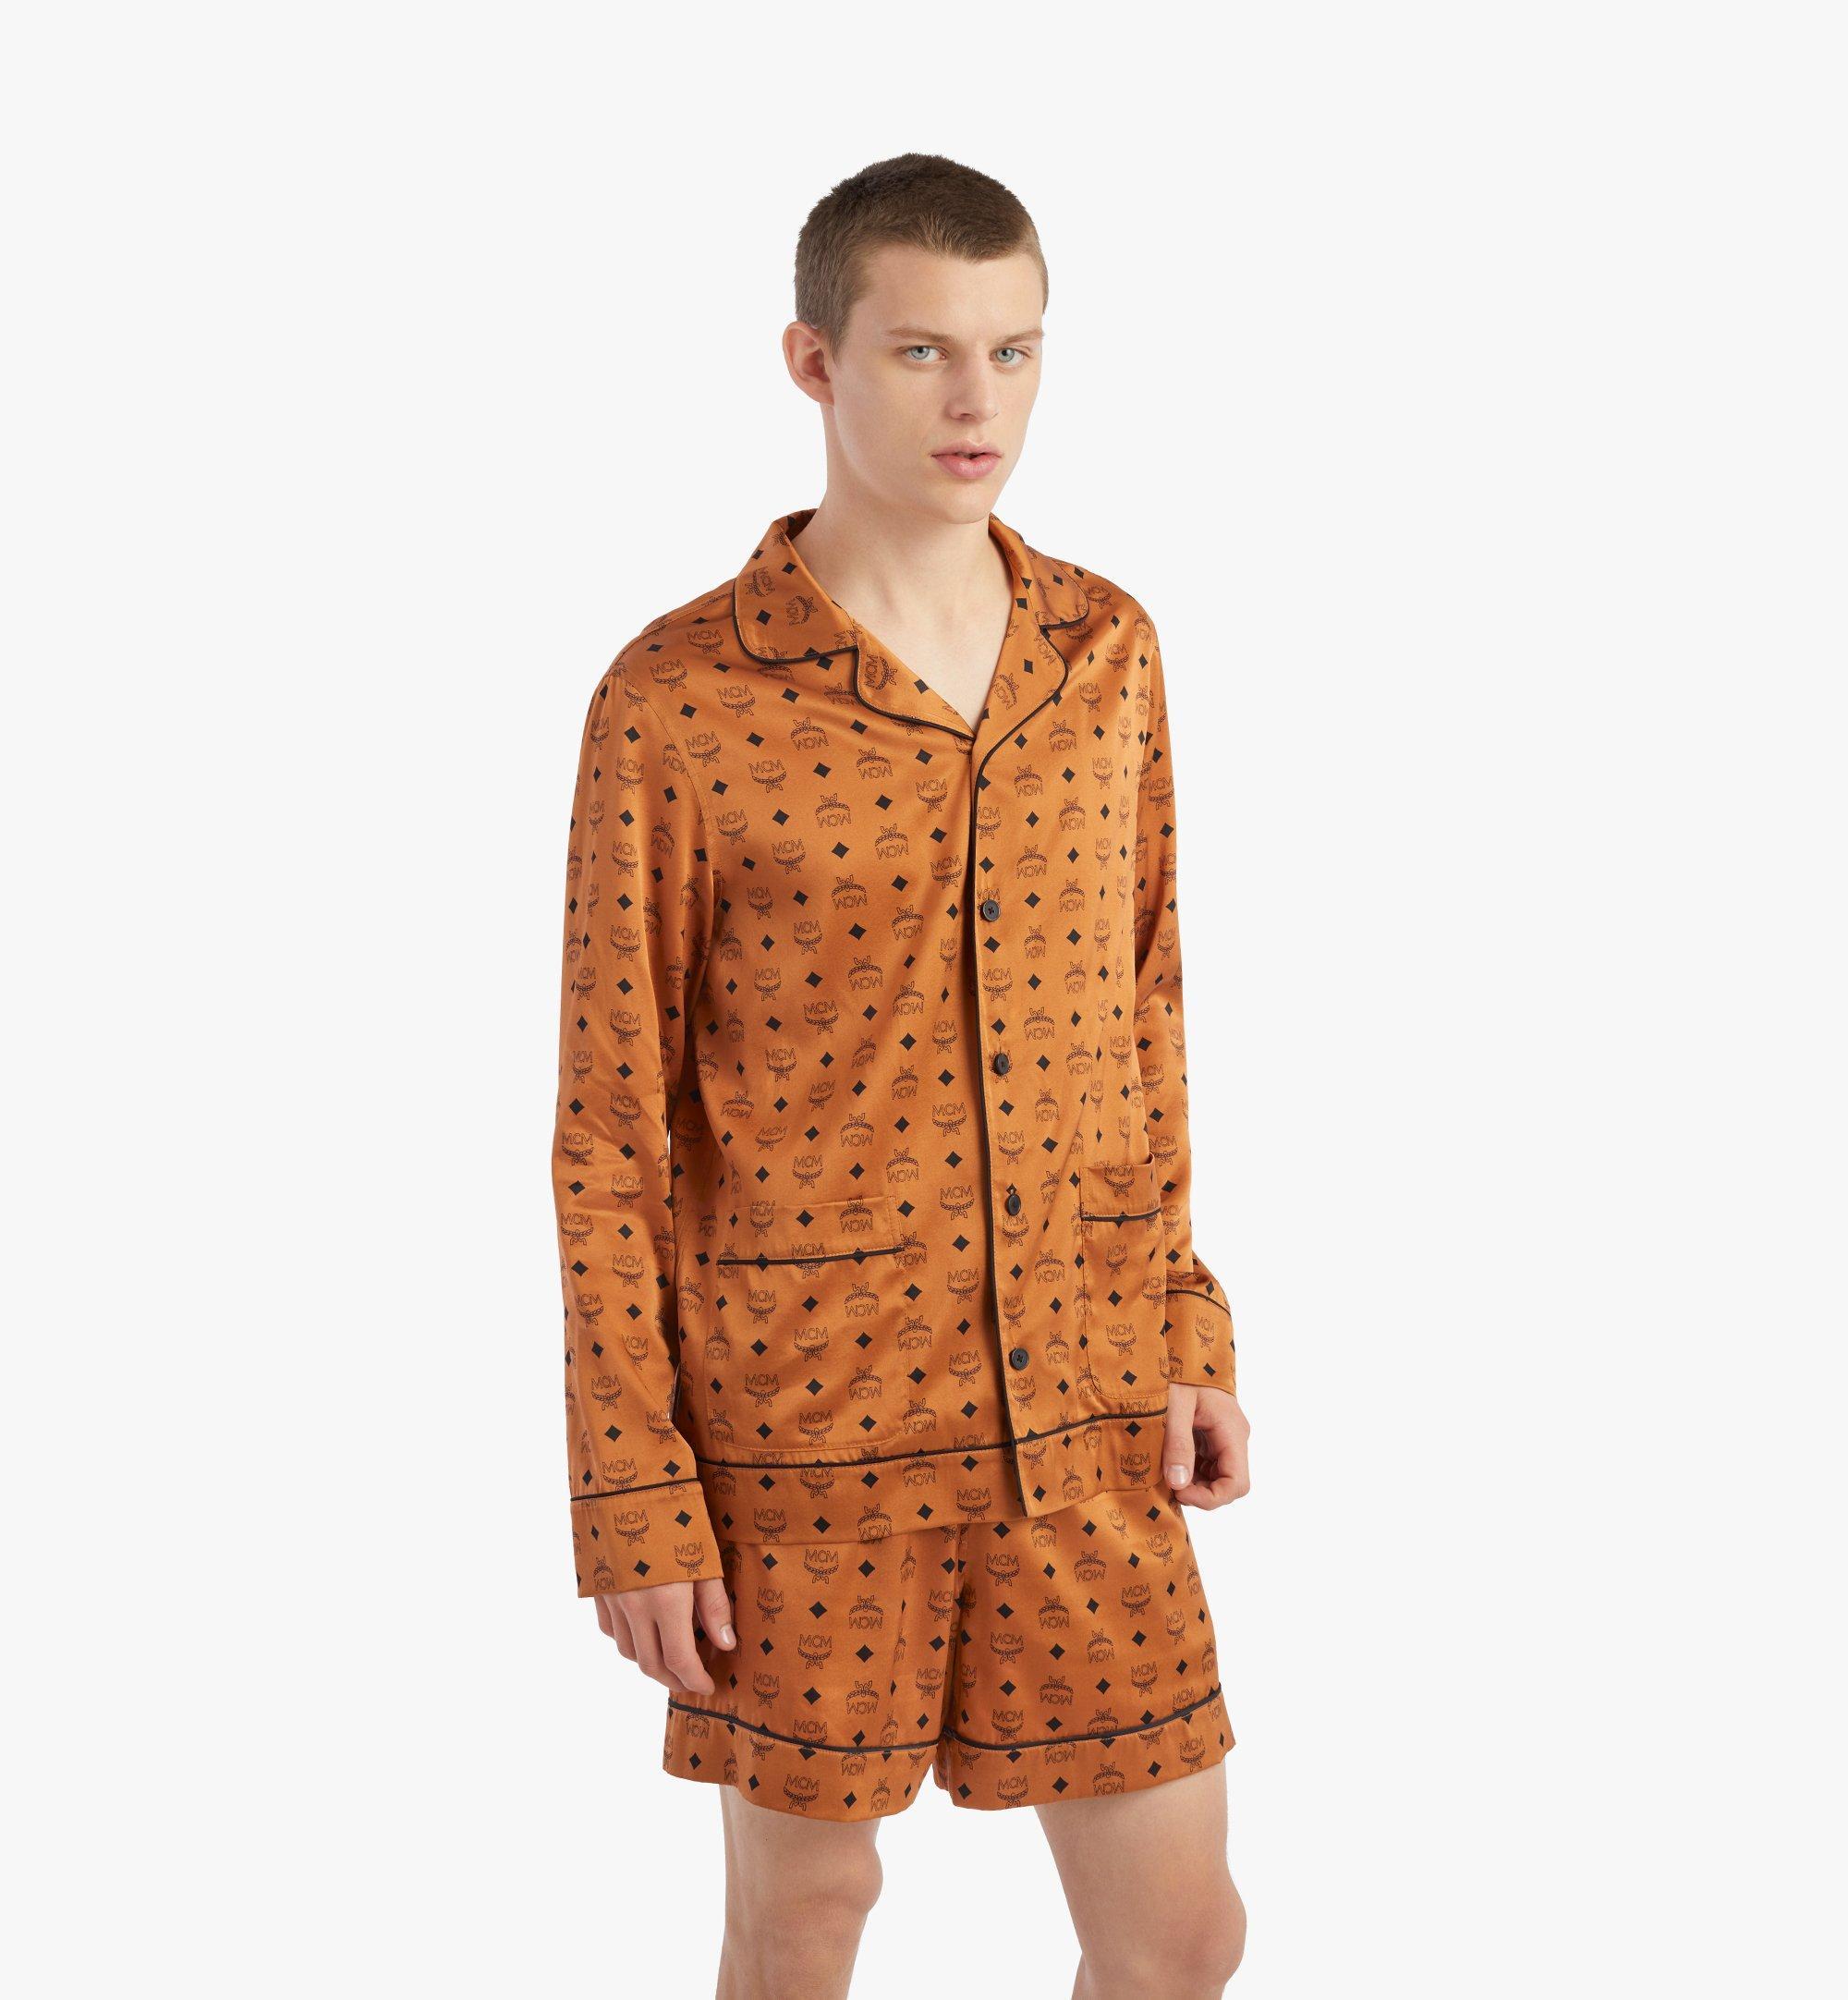 MCM Veste de pyjama classique en soie à imprimé logo Cognac MHXBSMM08CO00S Plus de photos 4